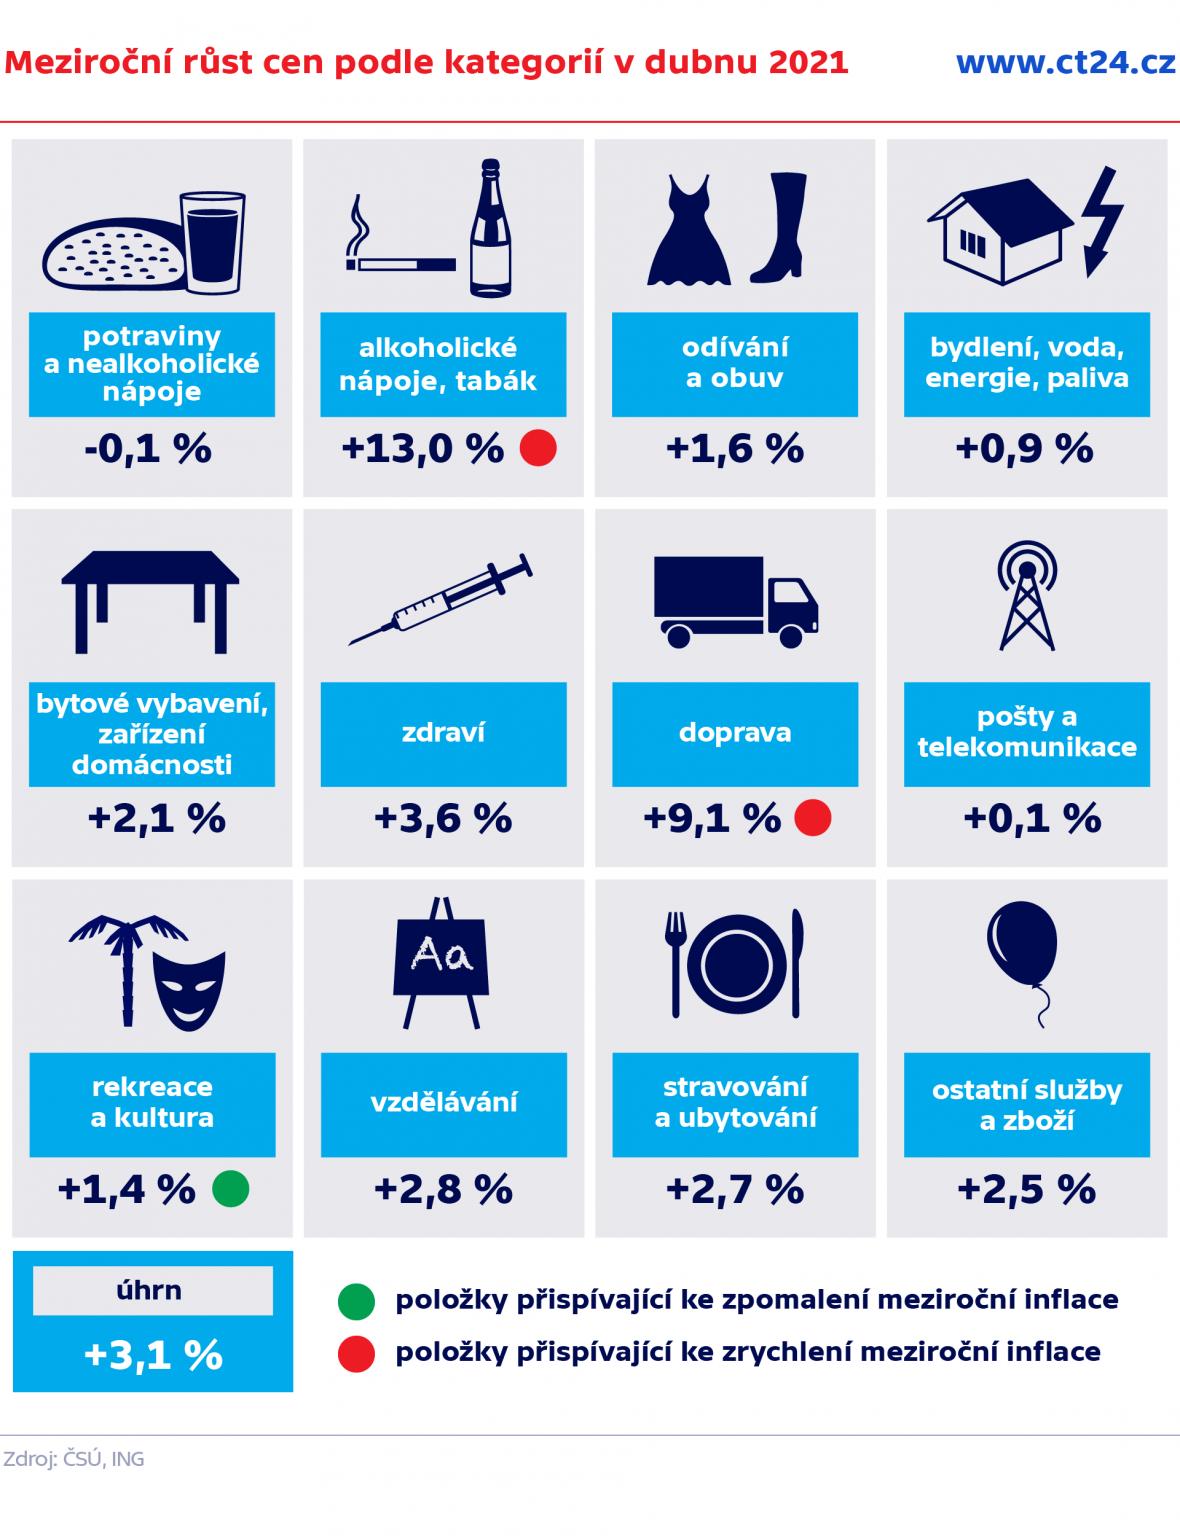 Meziroční růst cen podle kategorií v dubnu 2021